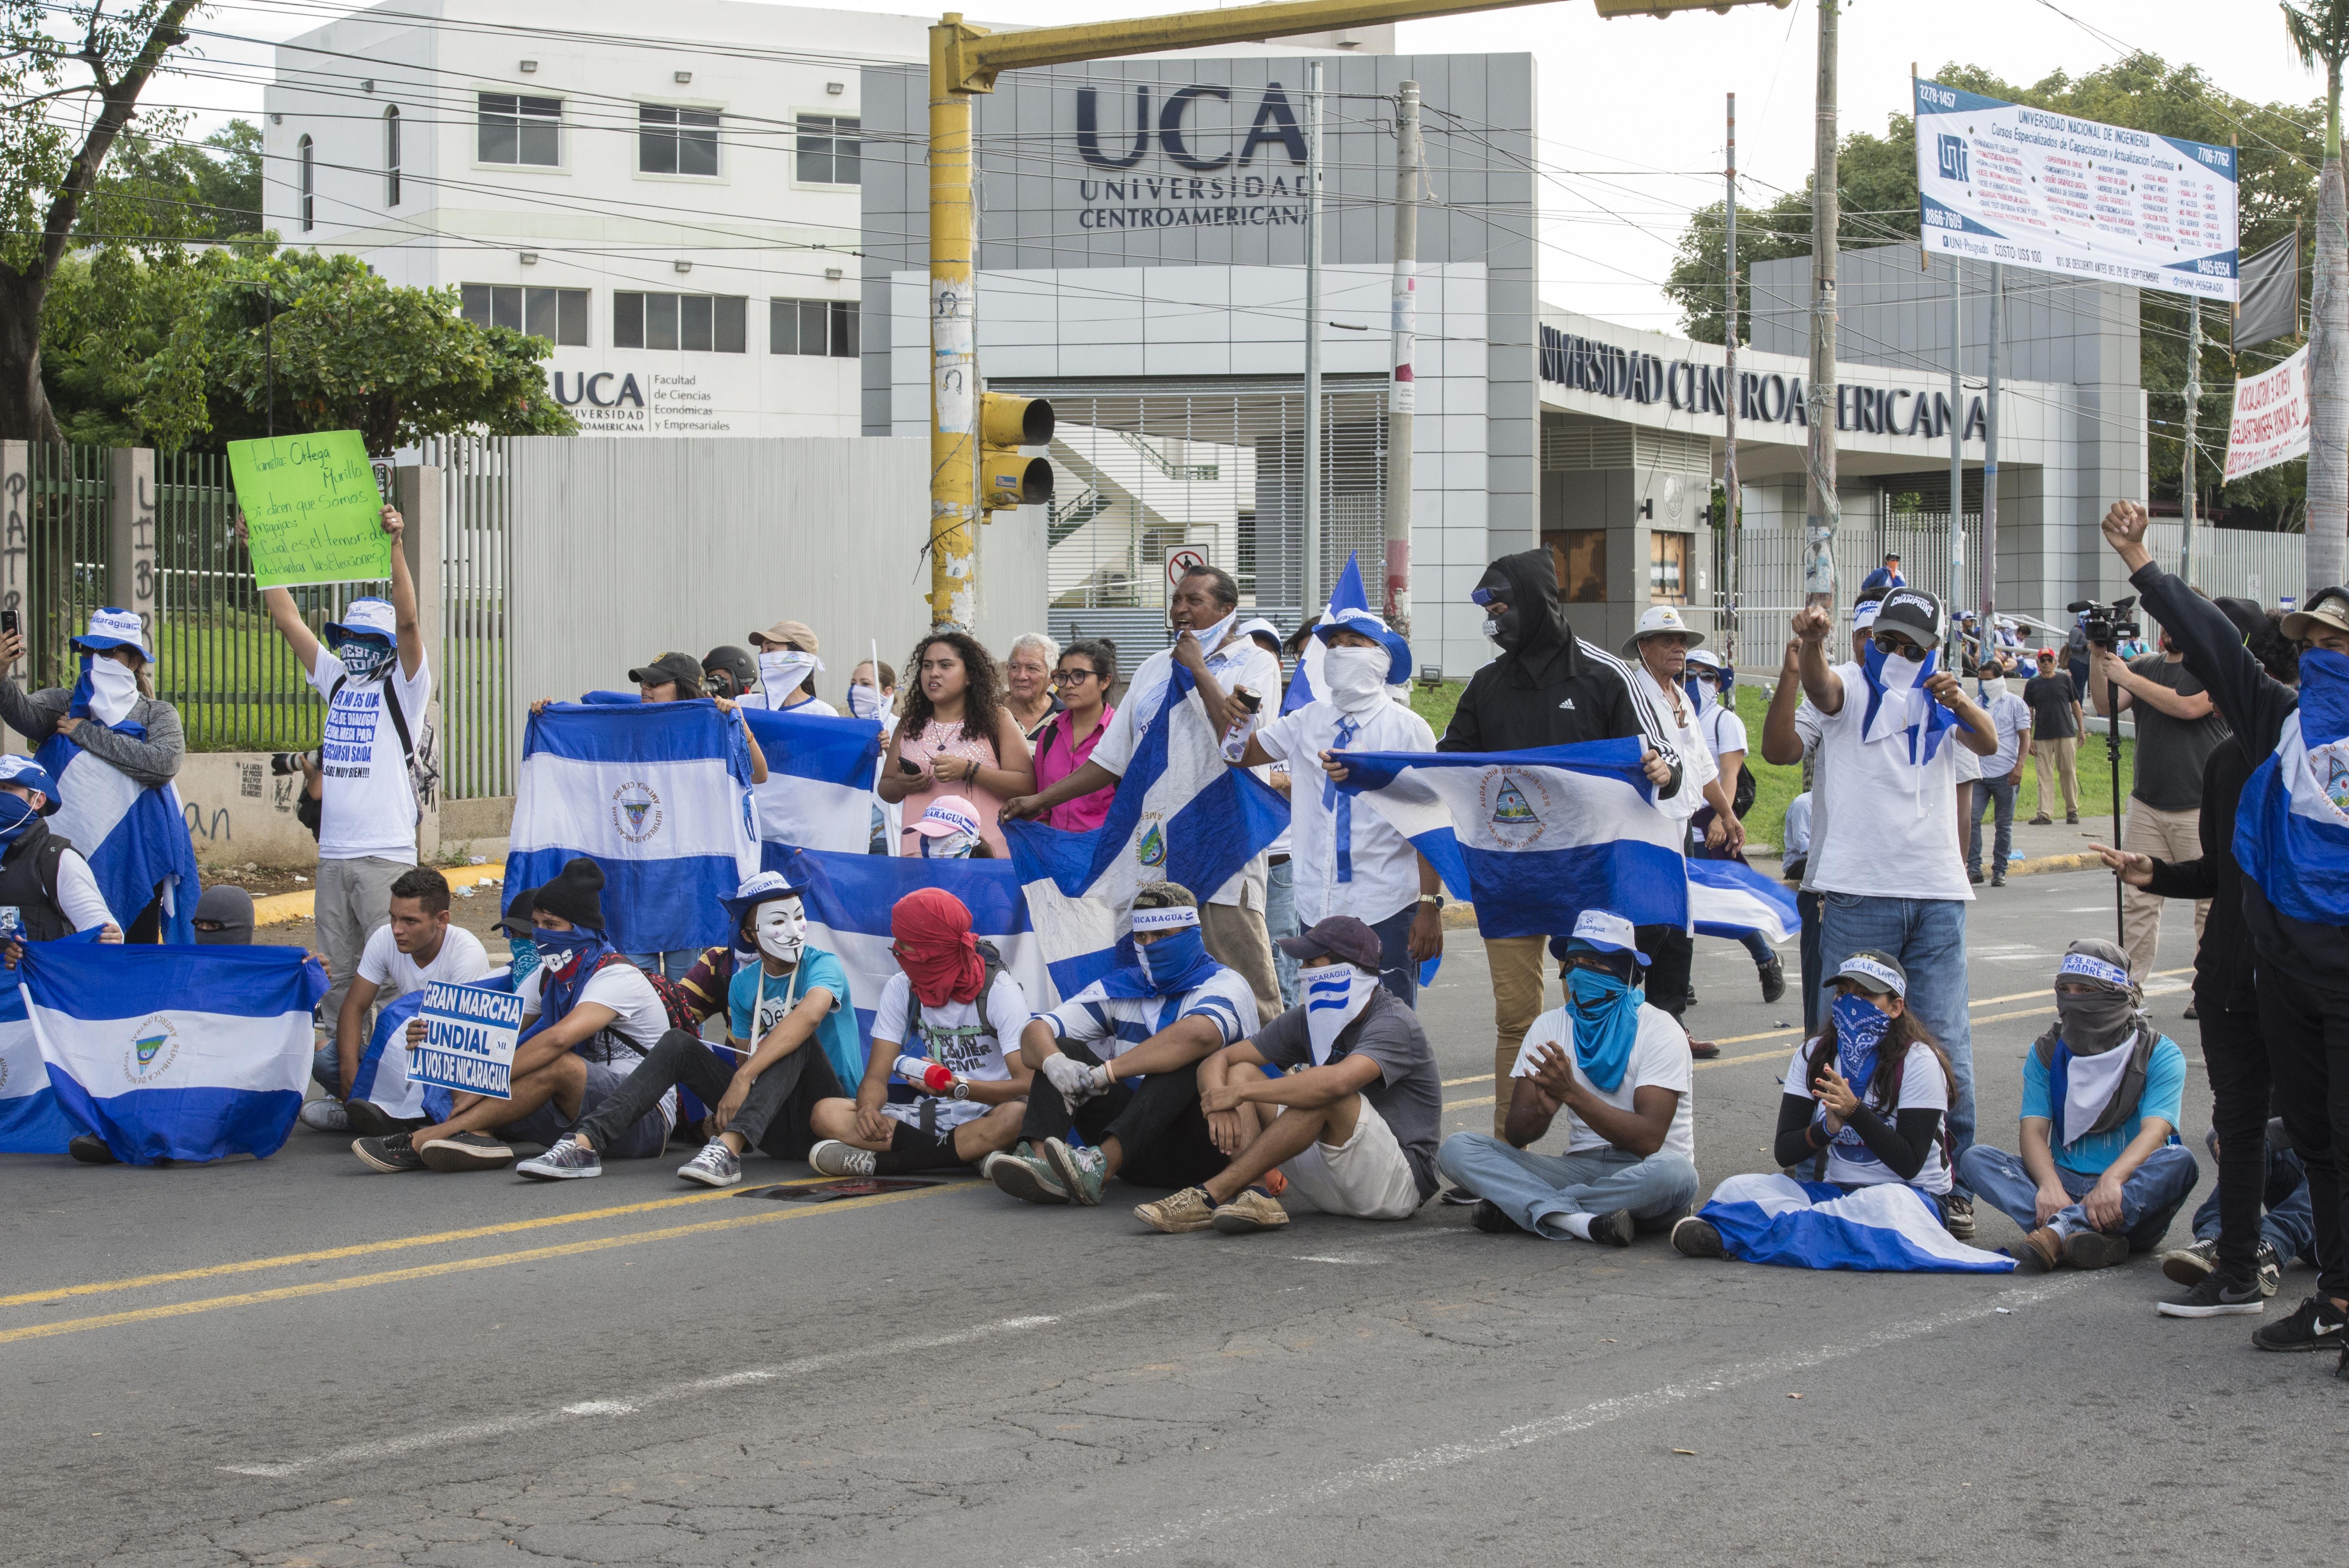 Uca Suspende Clases Por La Seguridad De Los Estudiantes